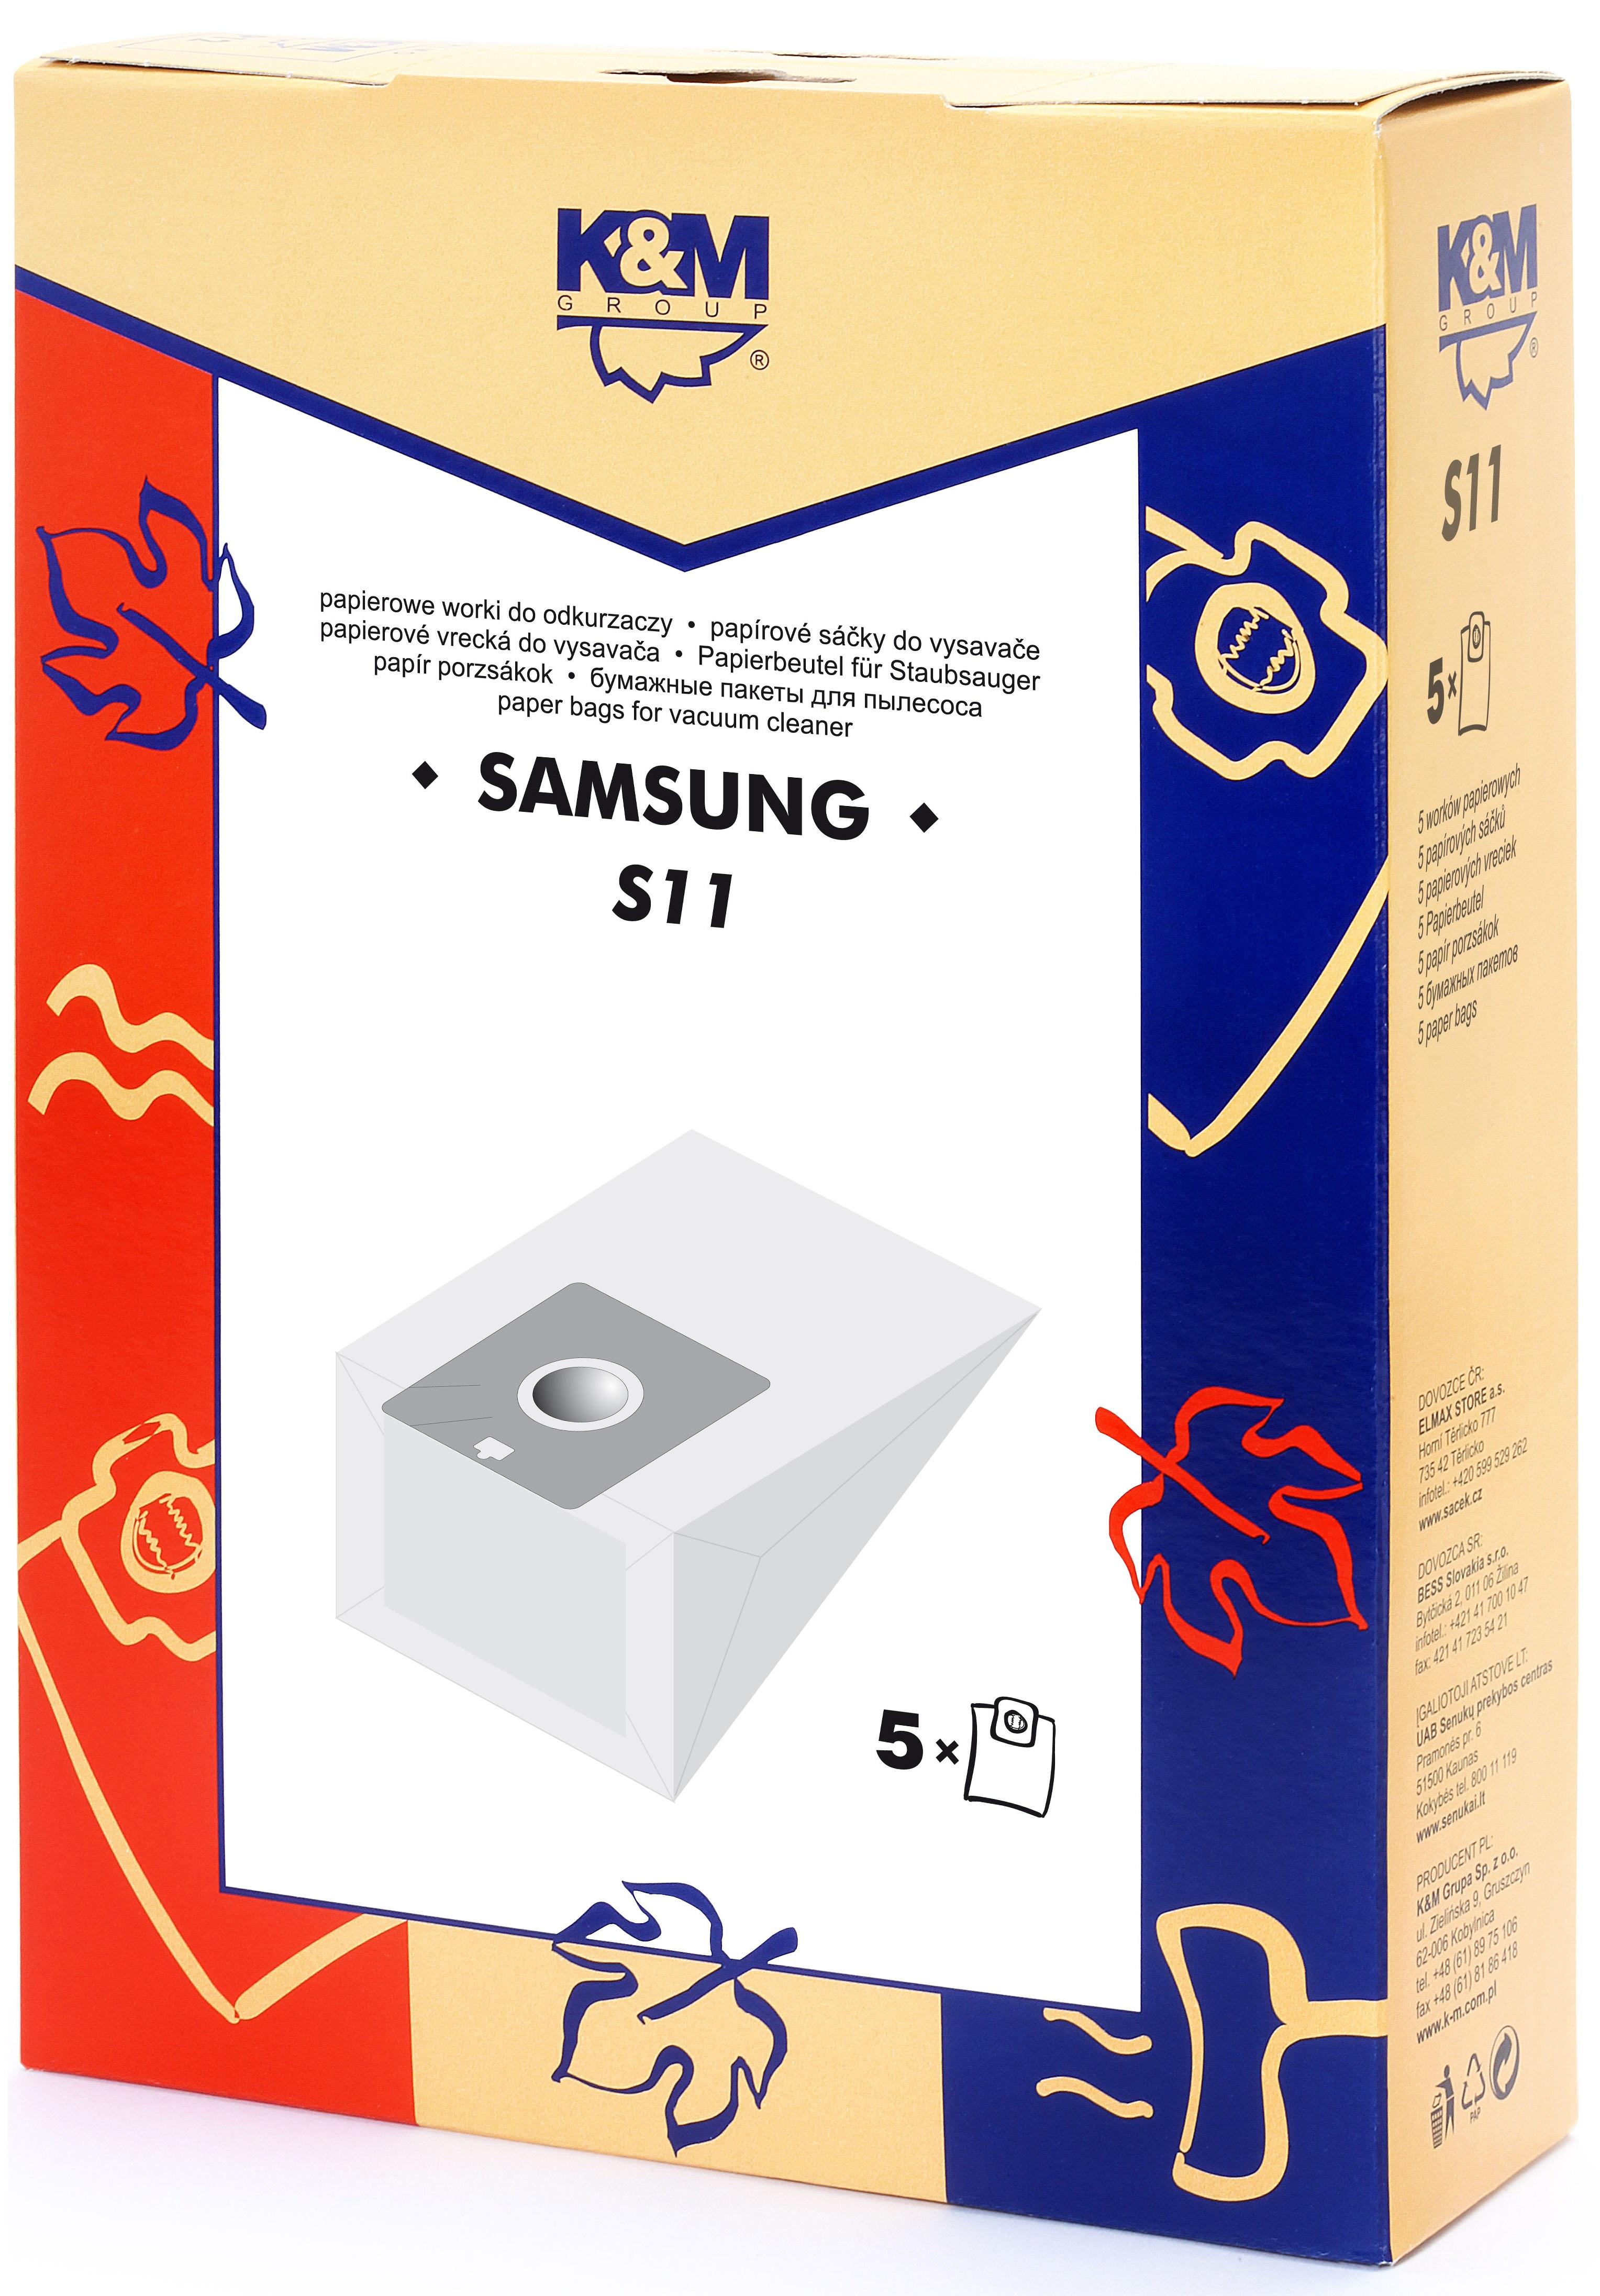 Sac aspirator Samsung VP77, hartie, 5X saci, K&M [0]